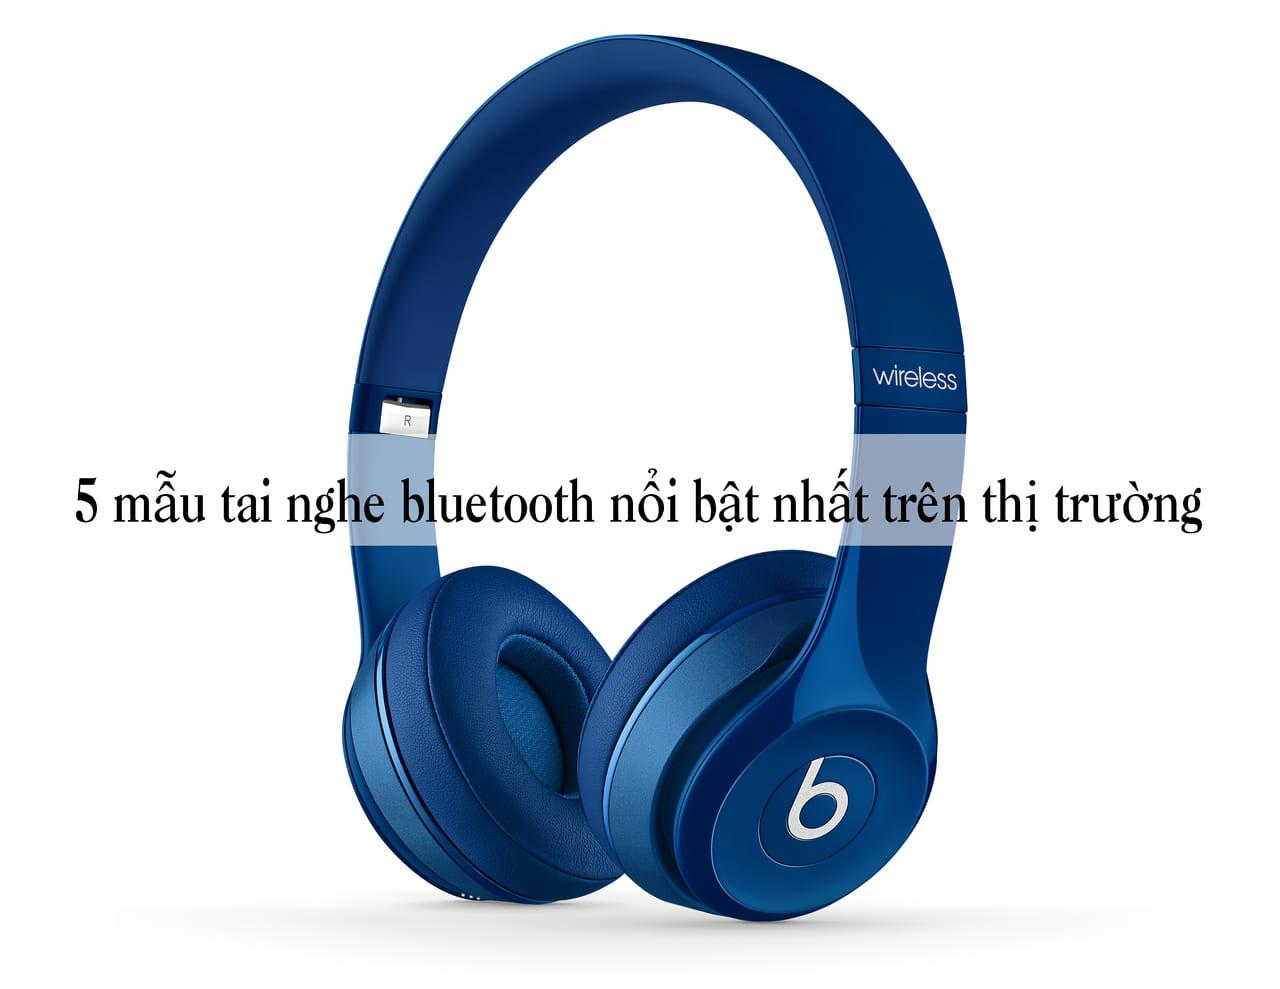 Mẫu tai nghe bluetooth nổi bật nhất trên thị trường